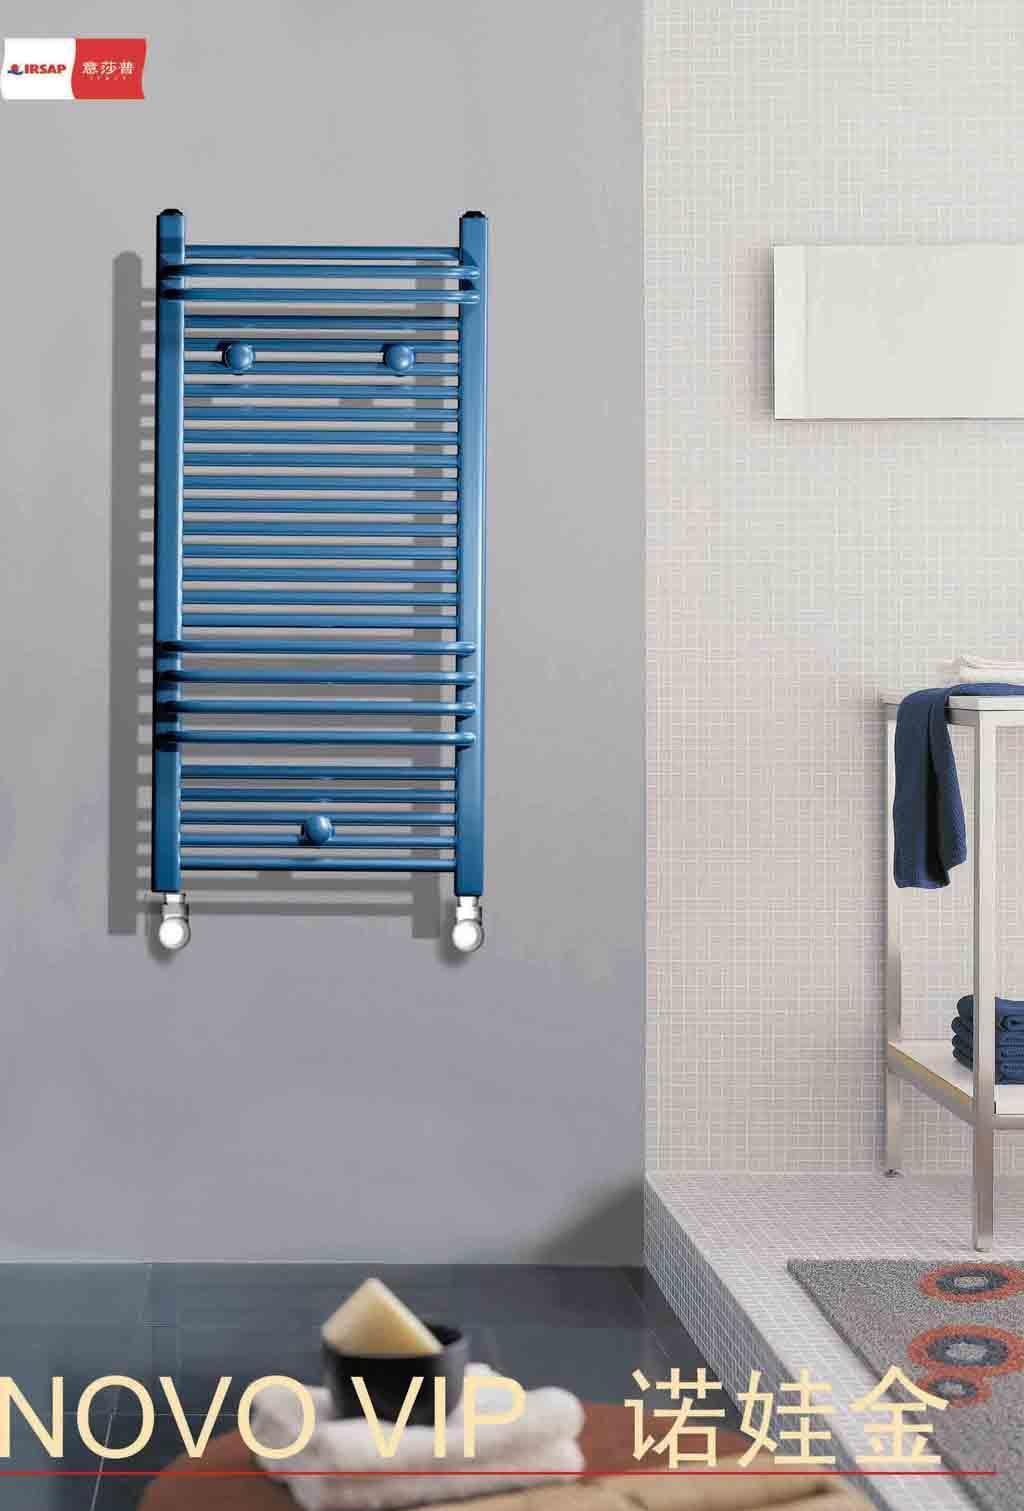 意莎普卫浴系列散热器诺娃金.NVP712NVP712